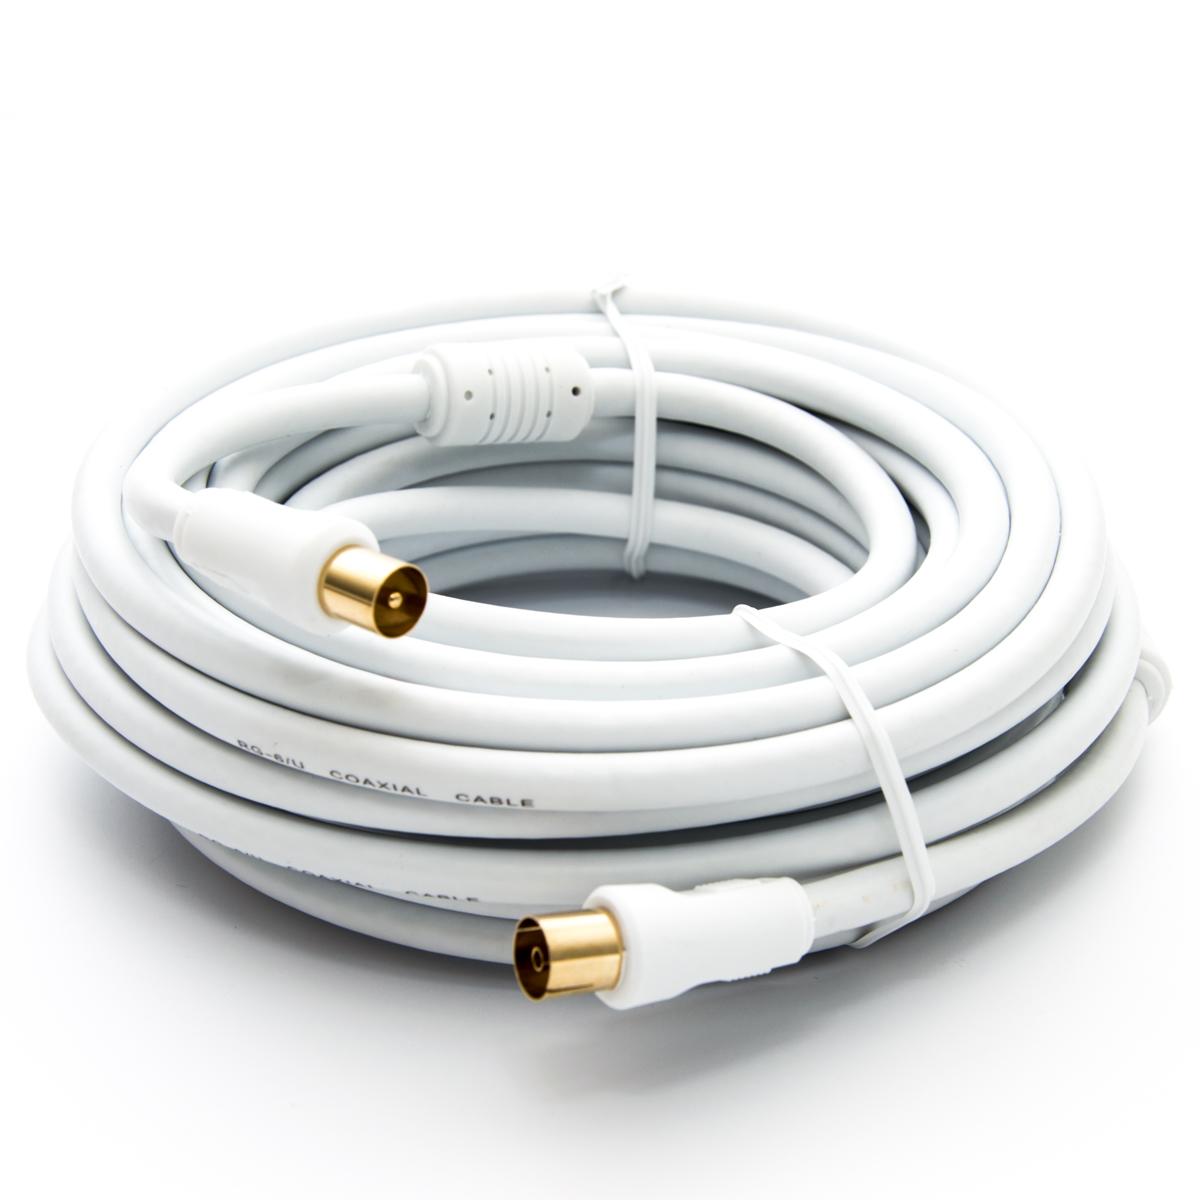 15m PremiumX HDTV TV Antennenkabel Koax Stecker auf Buchse vergoldet 75 Ohm Koaxialkabel für Kabelanschluss DVB-T DVB-T2 mit Mantelstromfilter - 2x Ferritkern - Weiß